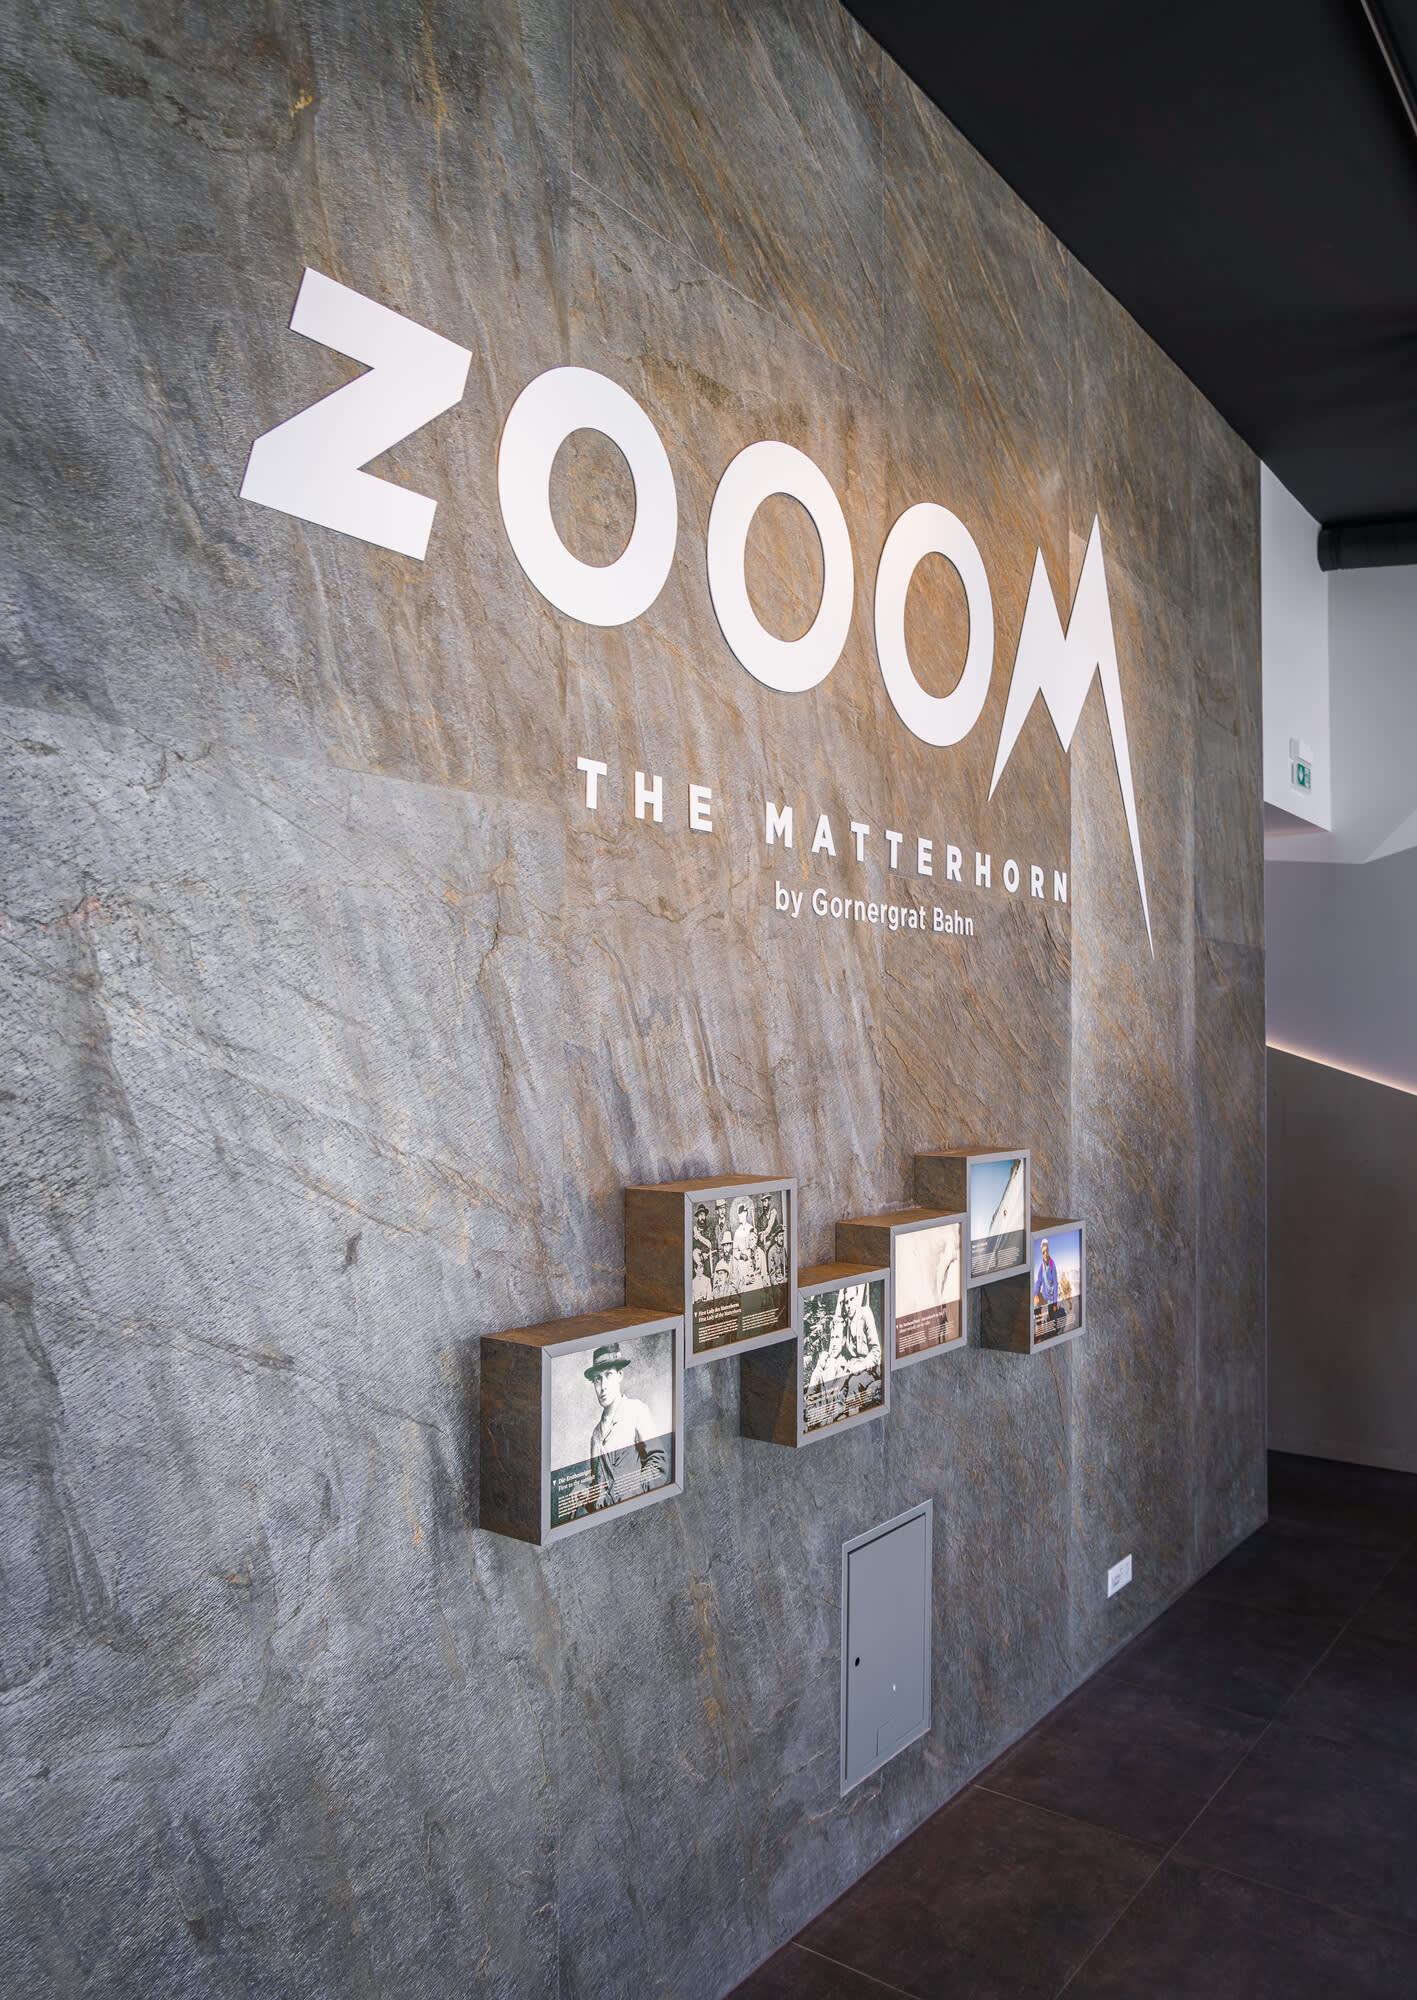 Les héros du Cervin - Zooom the Matterhorn, expérience multimédia au Gornergrat au-dessus de Zermatt